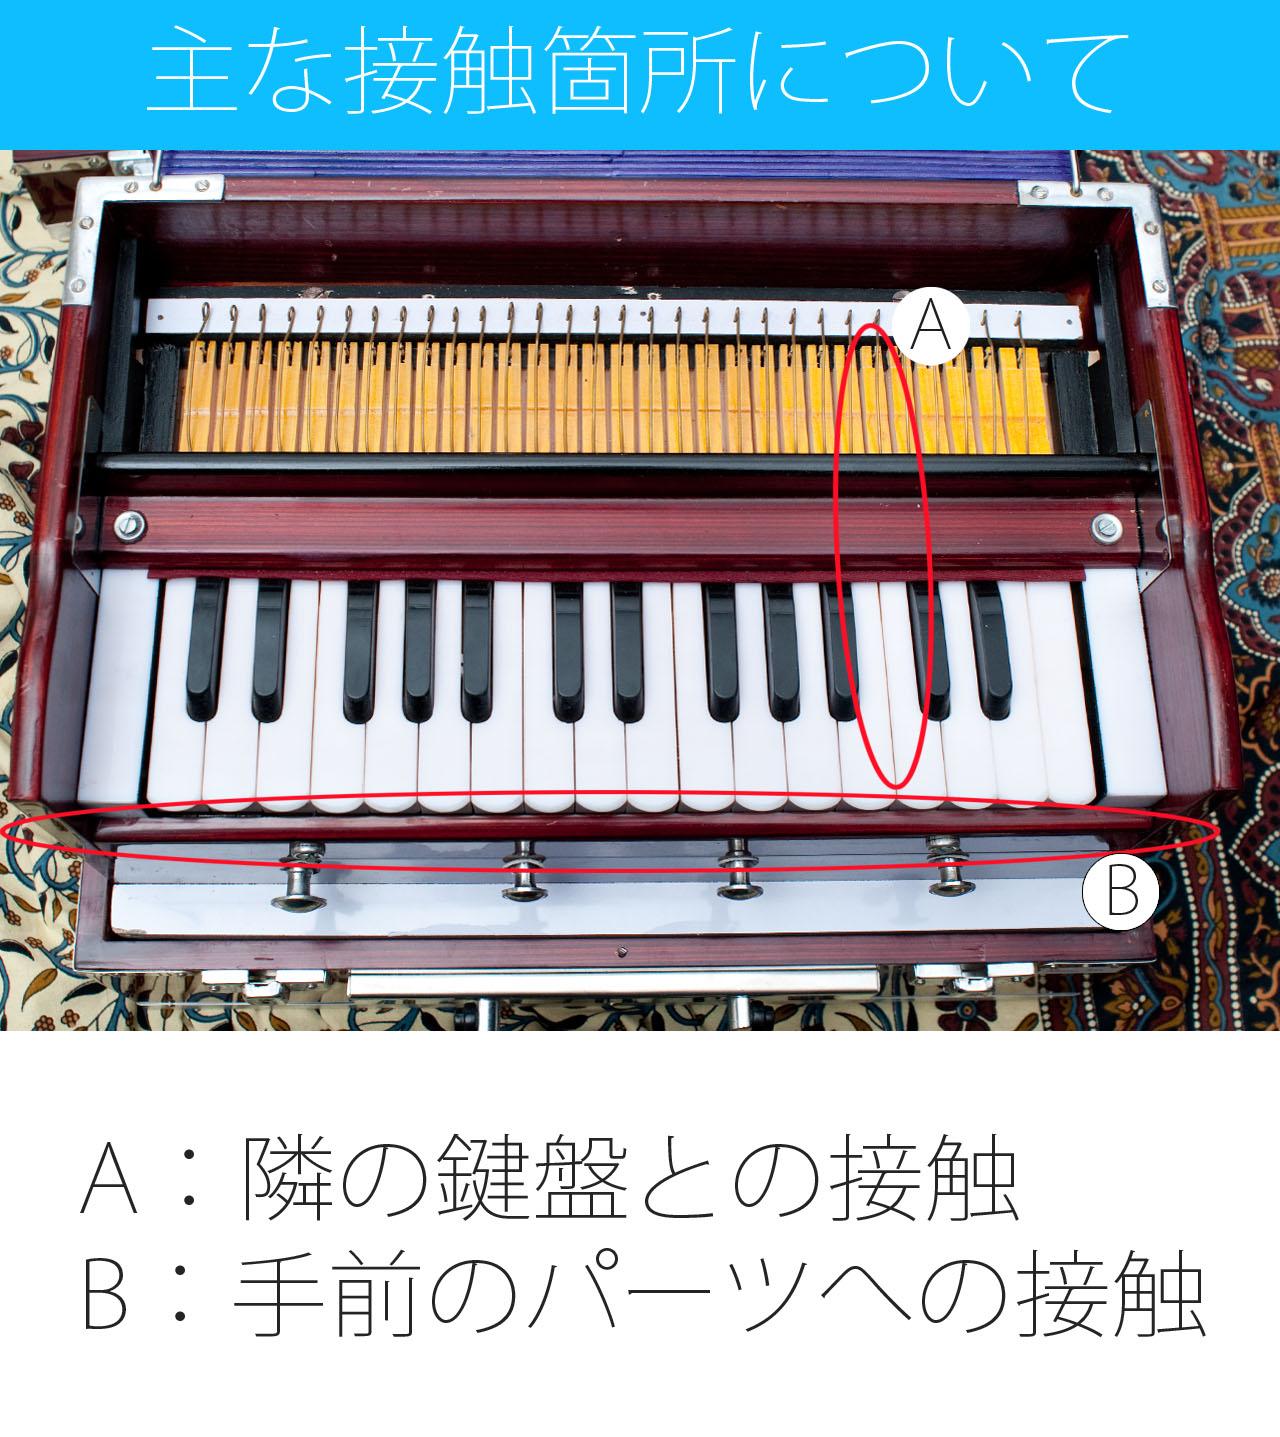 主なハルモニウムの鍵盤が接触している箇所